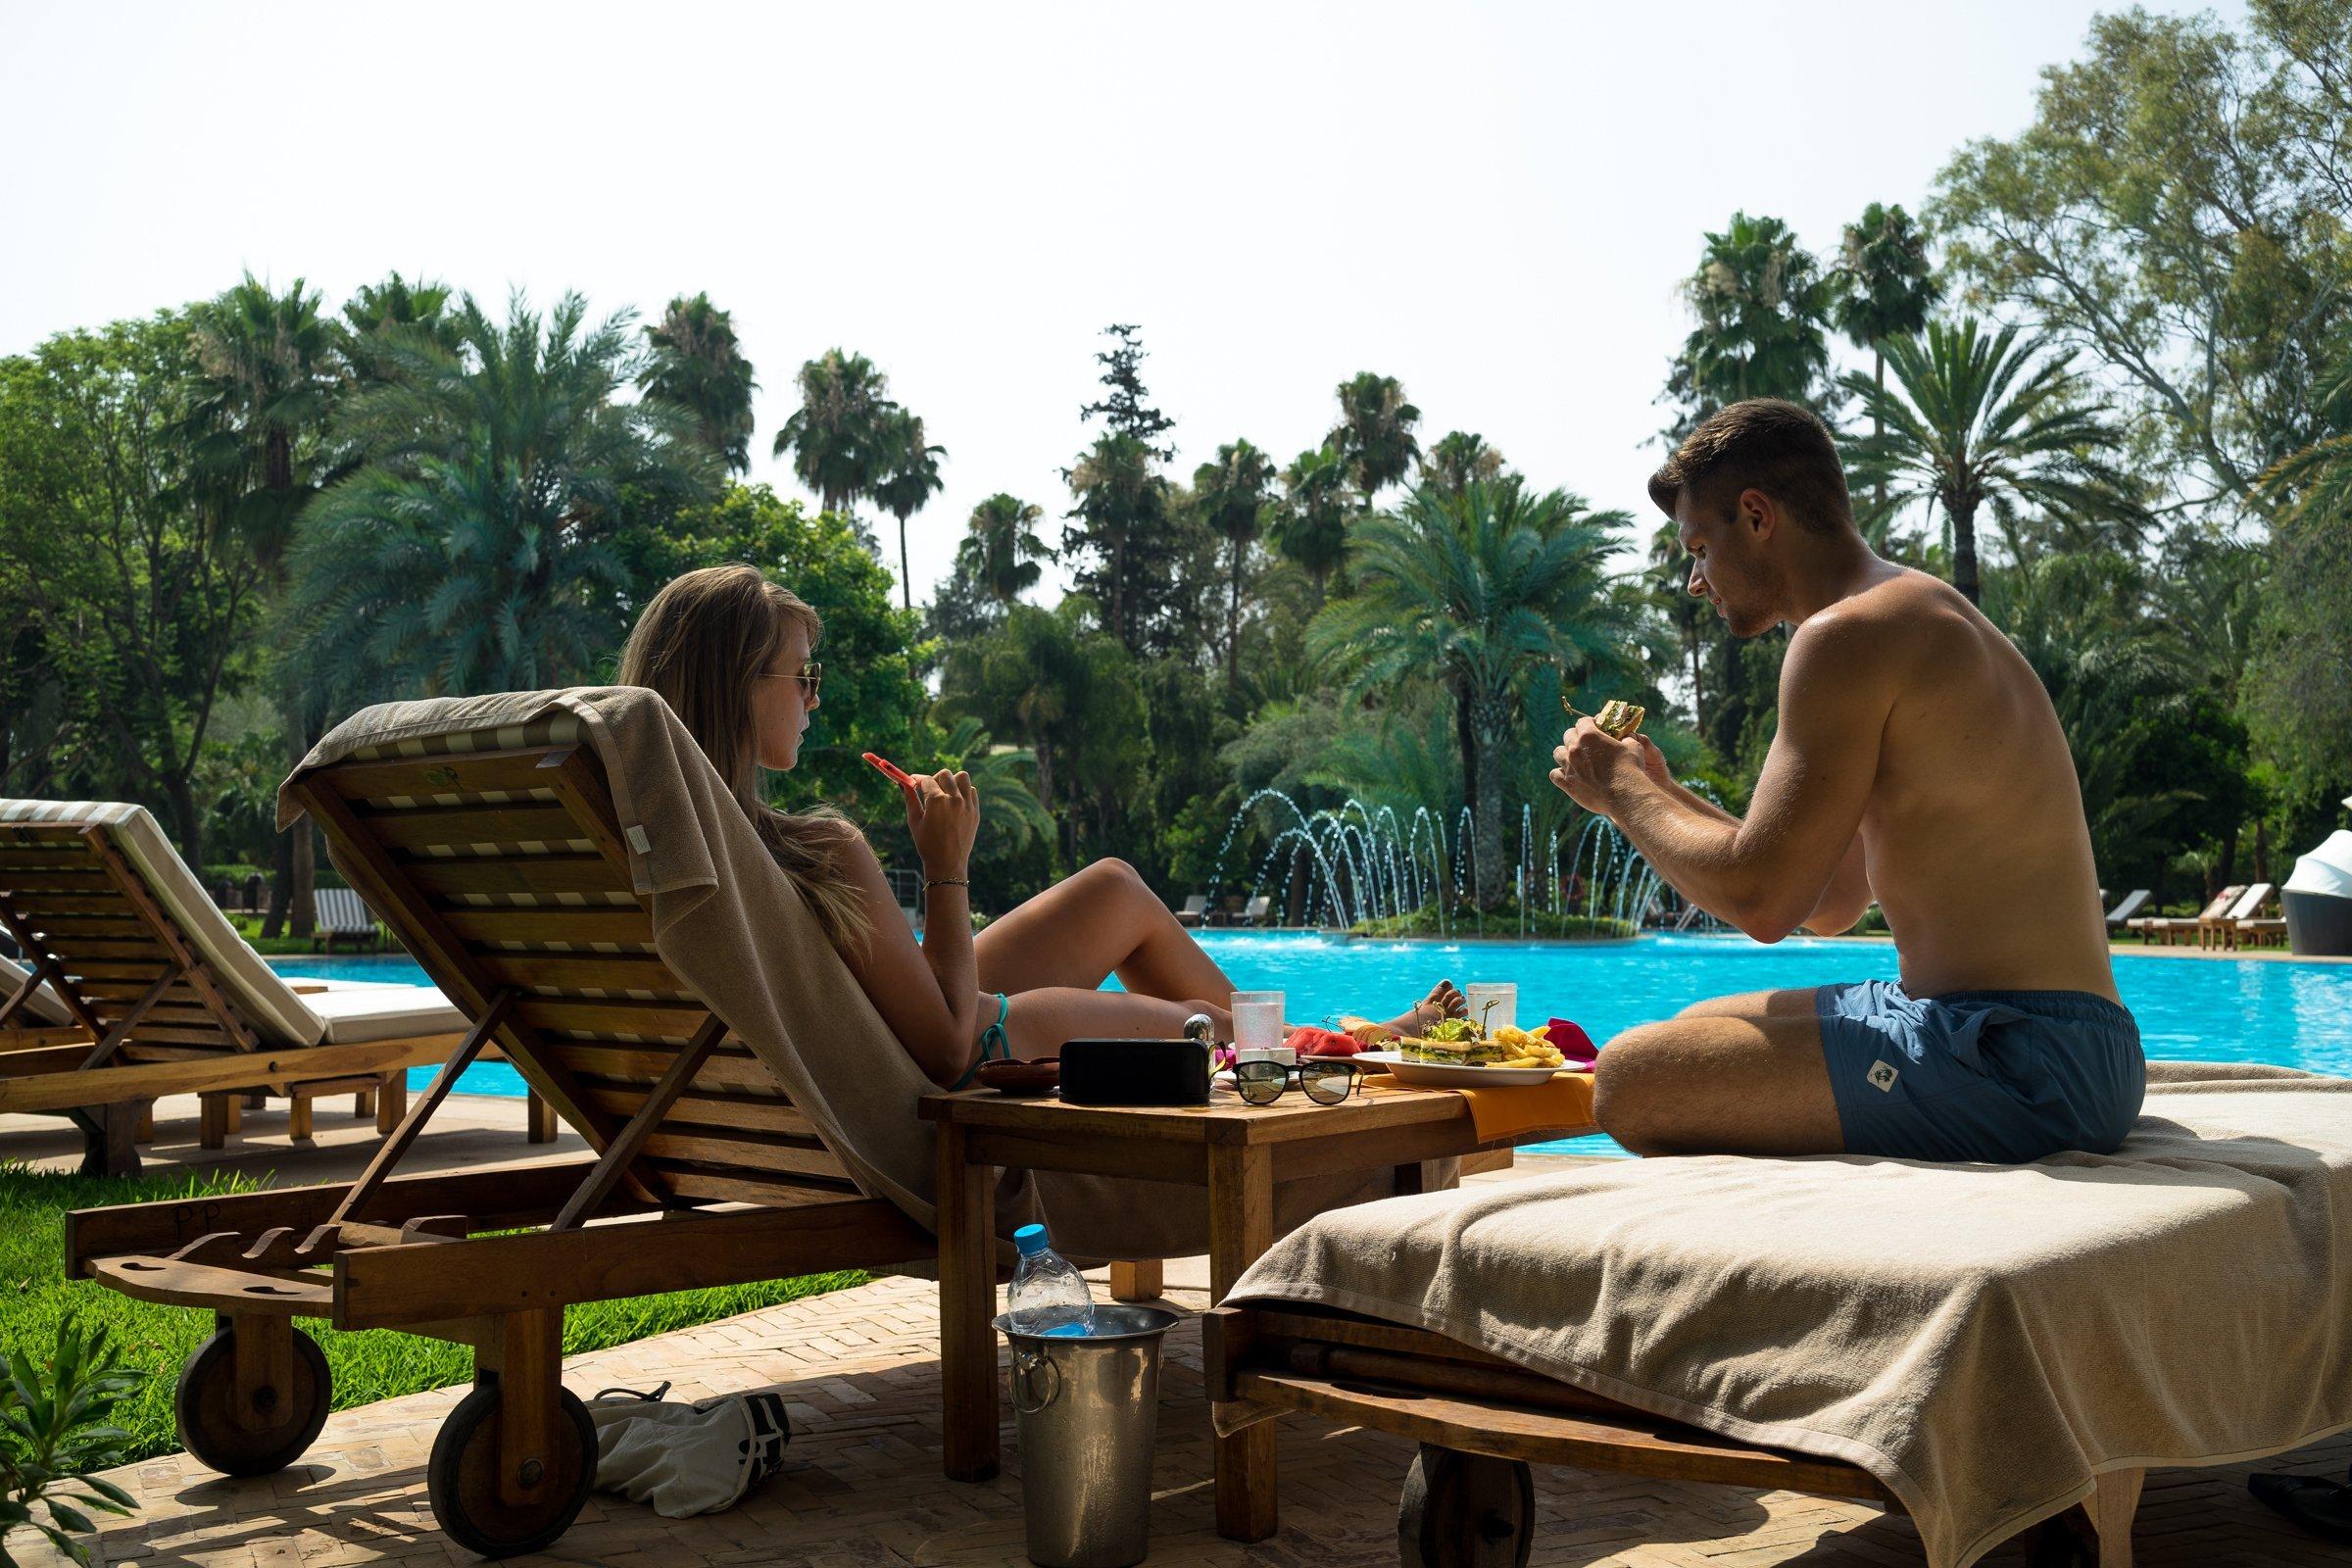 Es Saadi Palace Garden Resorts Lagoon Swimmingpool Poollandschaft Lunch Mittagessen Liegestuhl Mann Frau Stefan Diana Sonnen